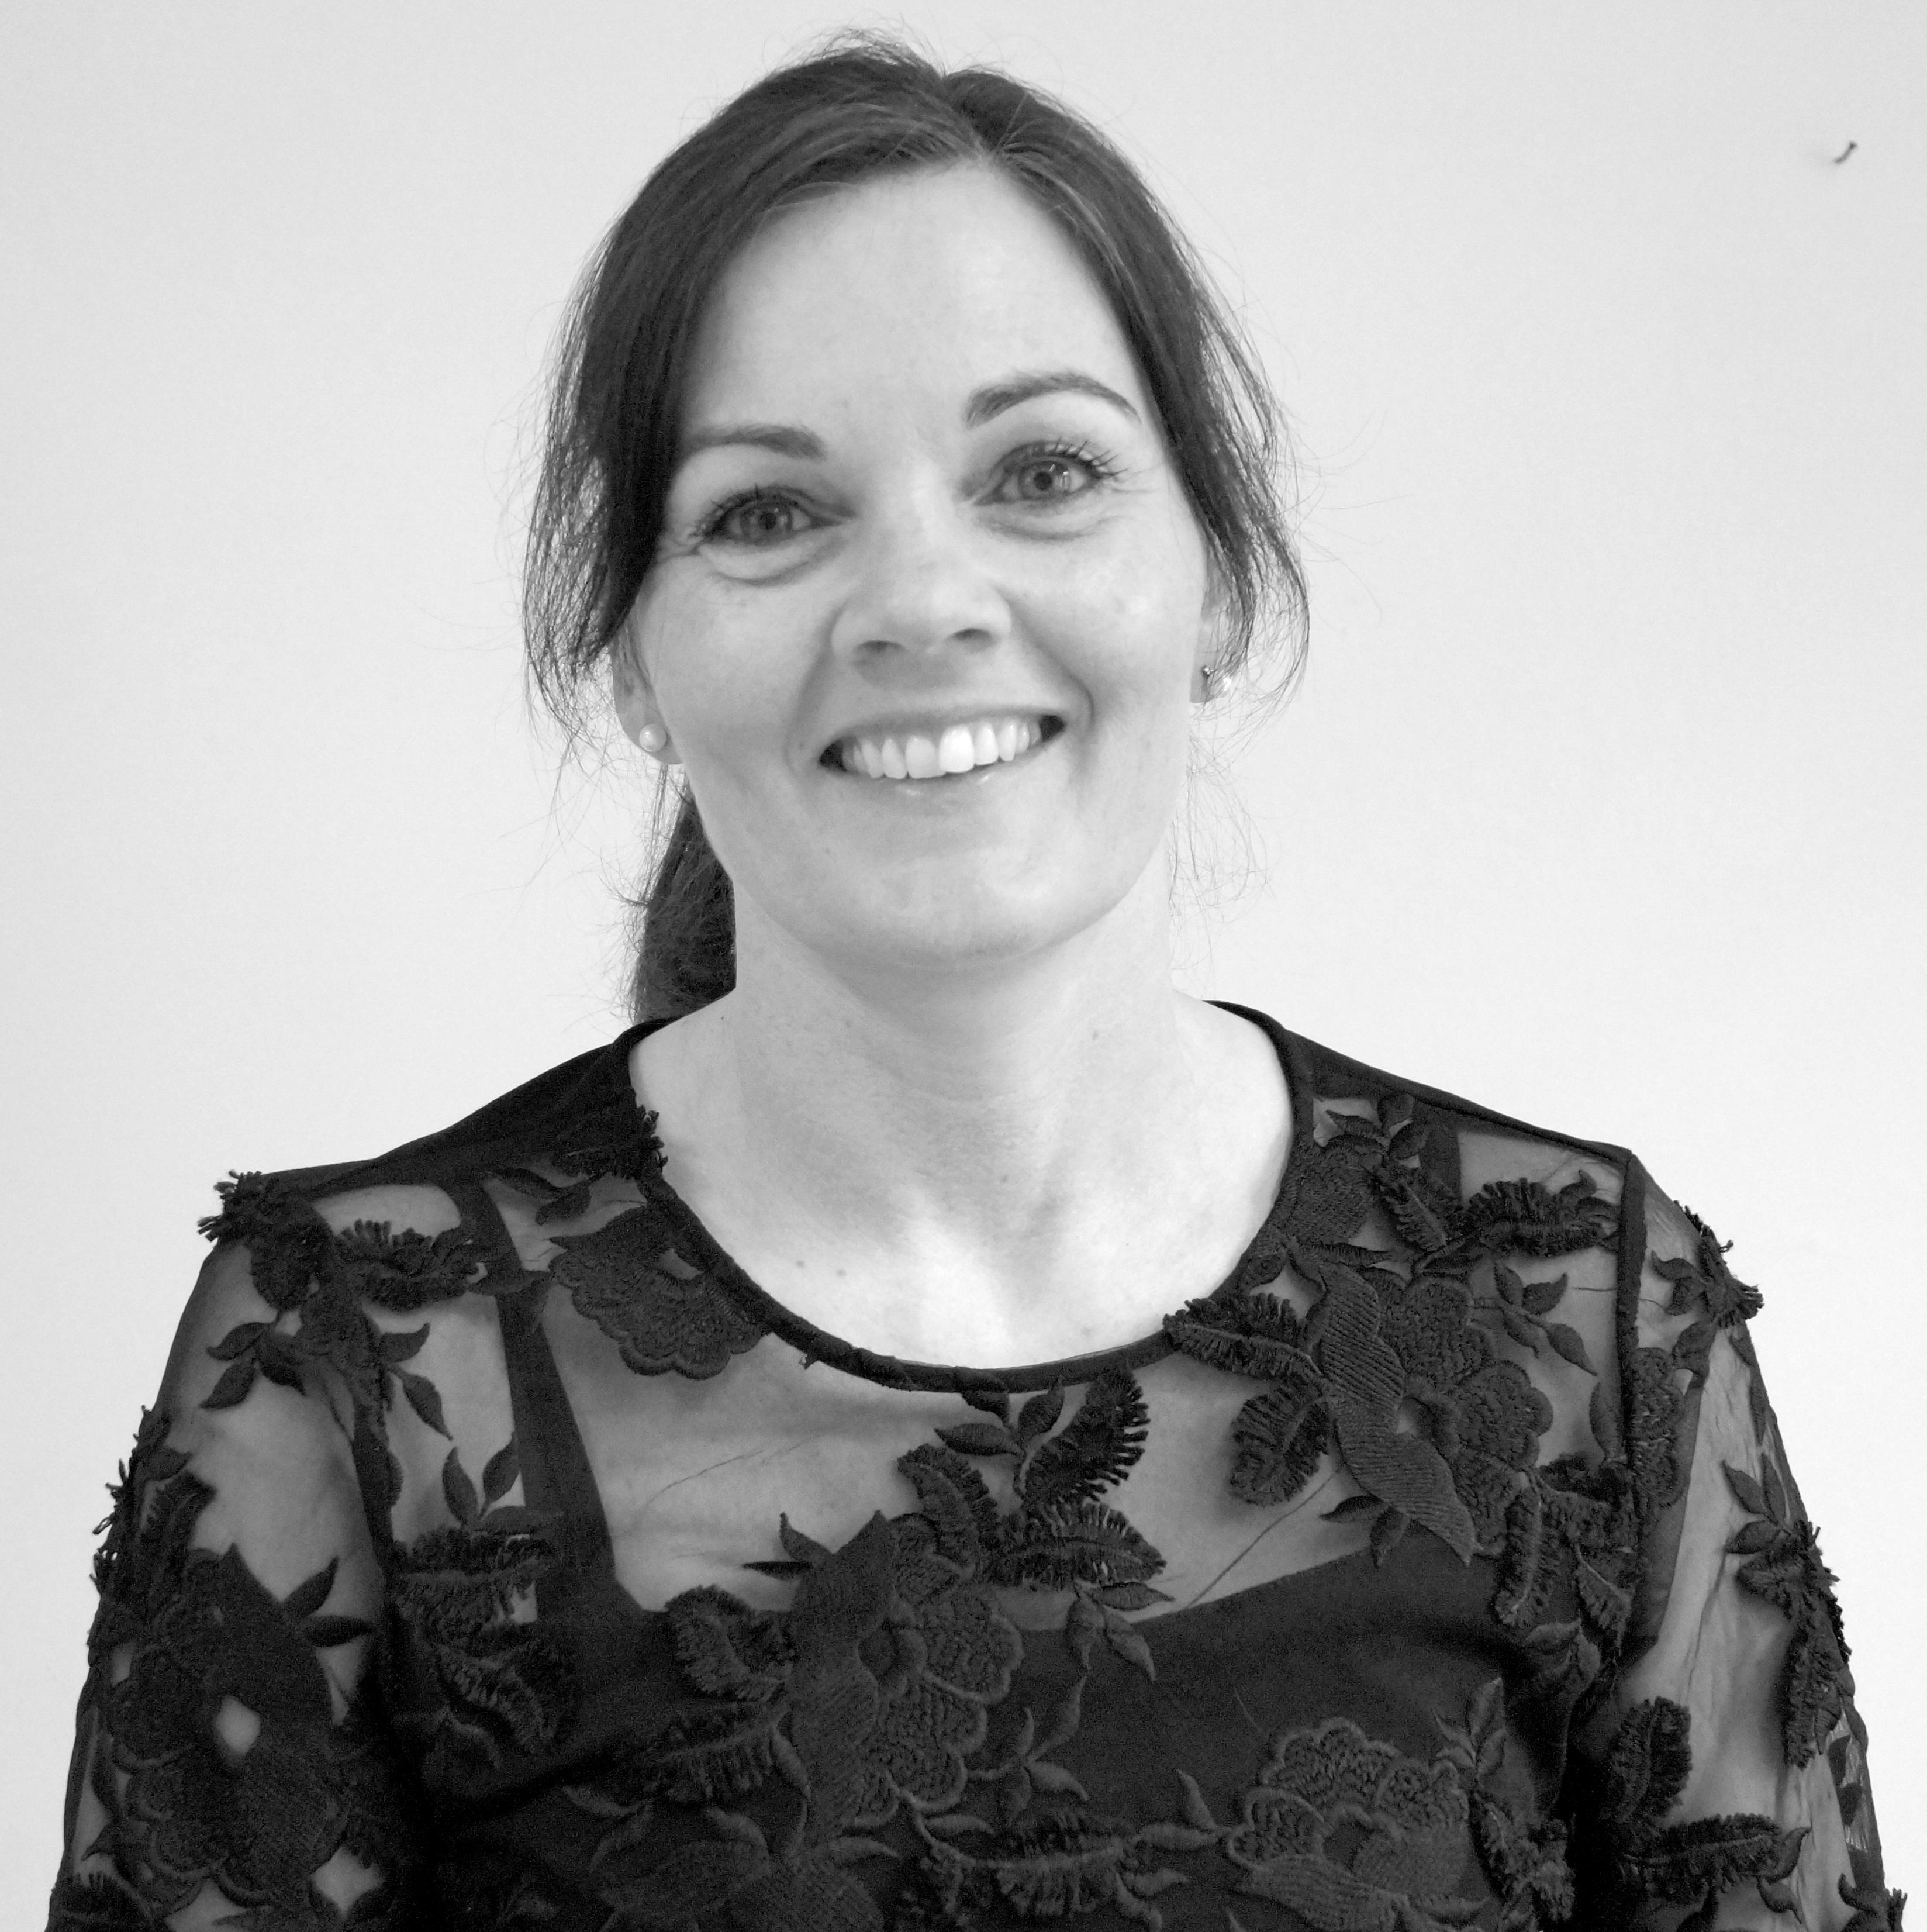 Irene S. Kristoffersen